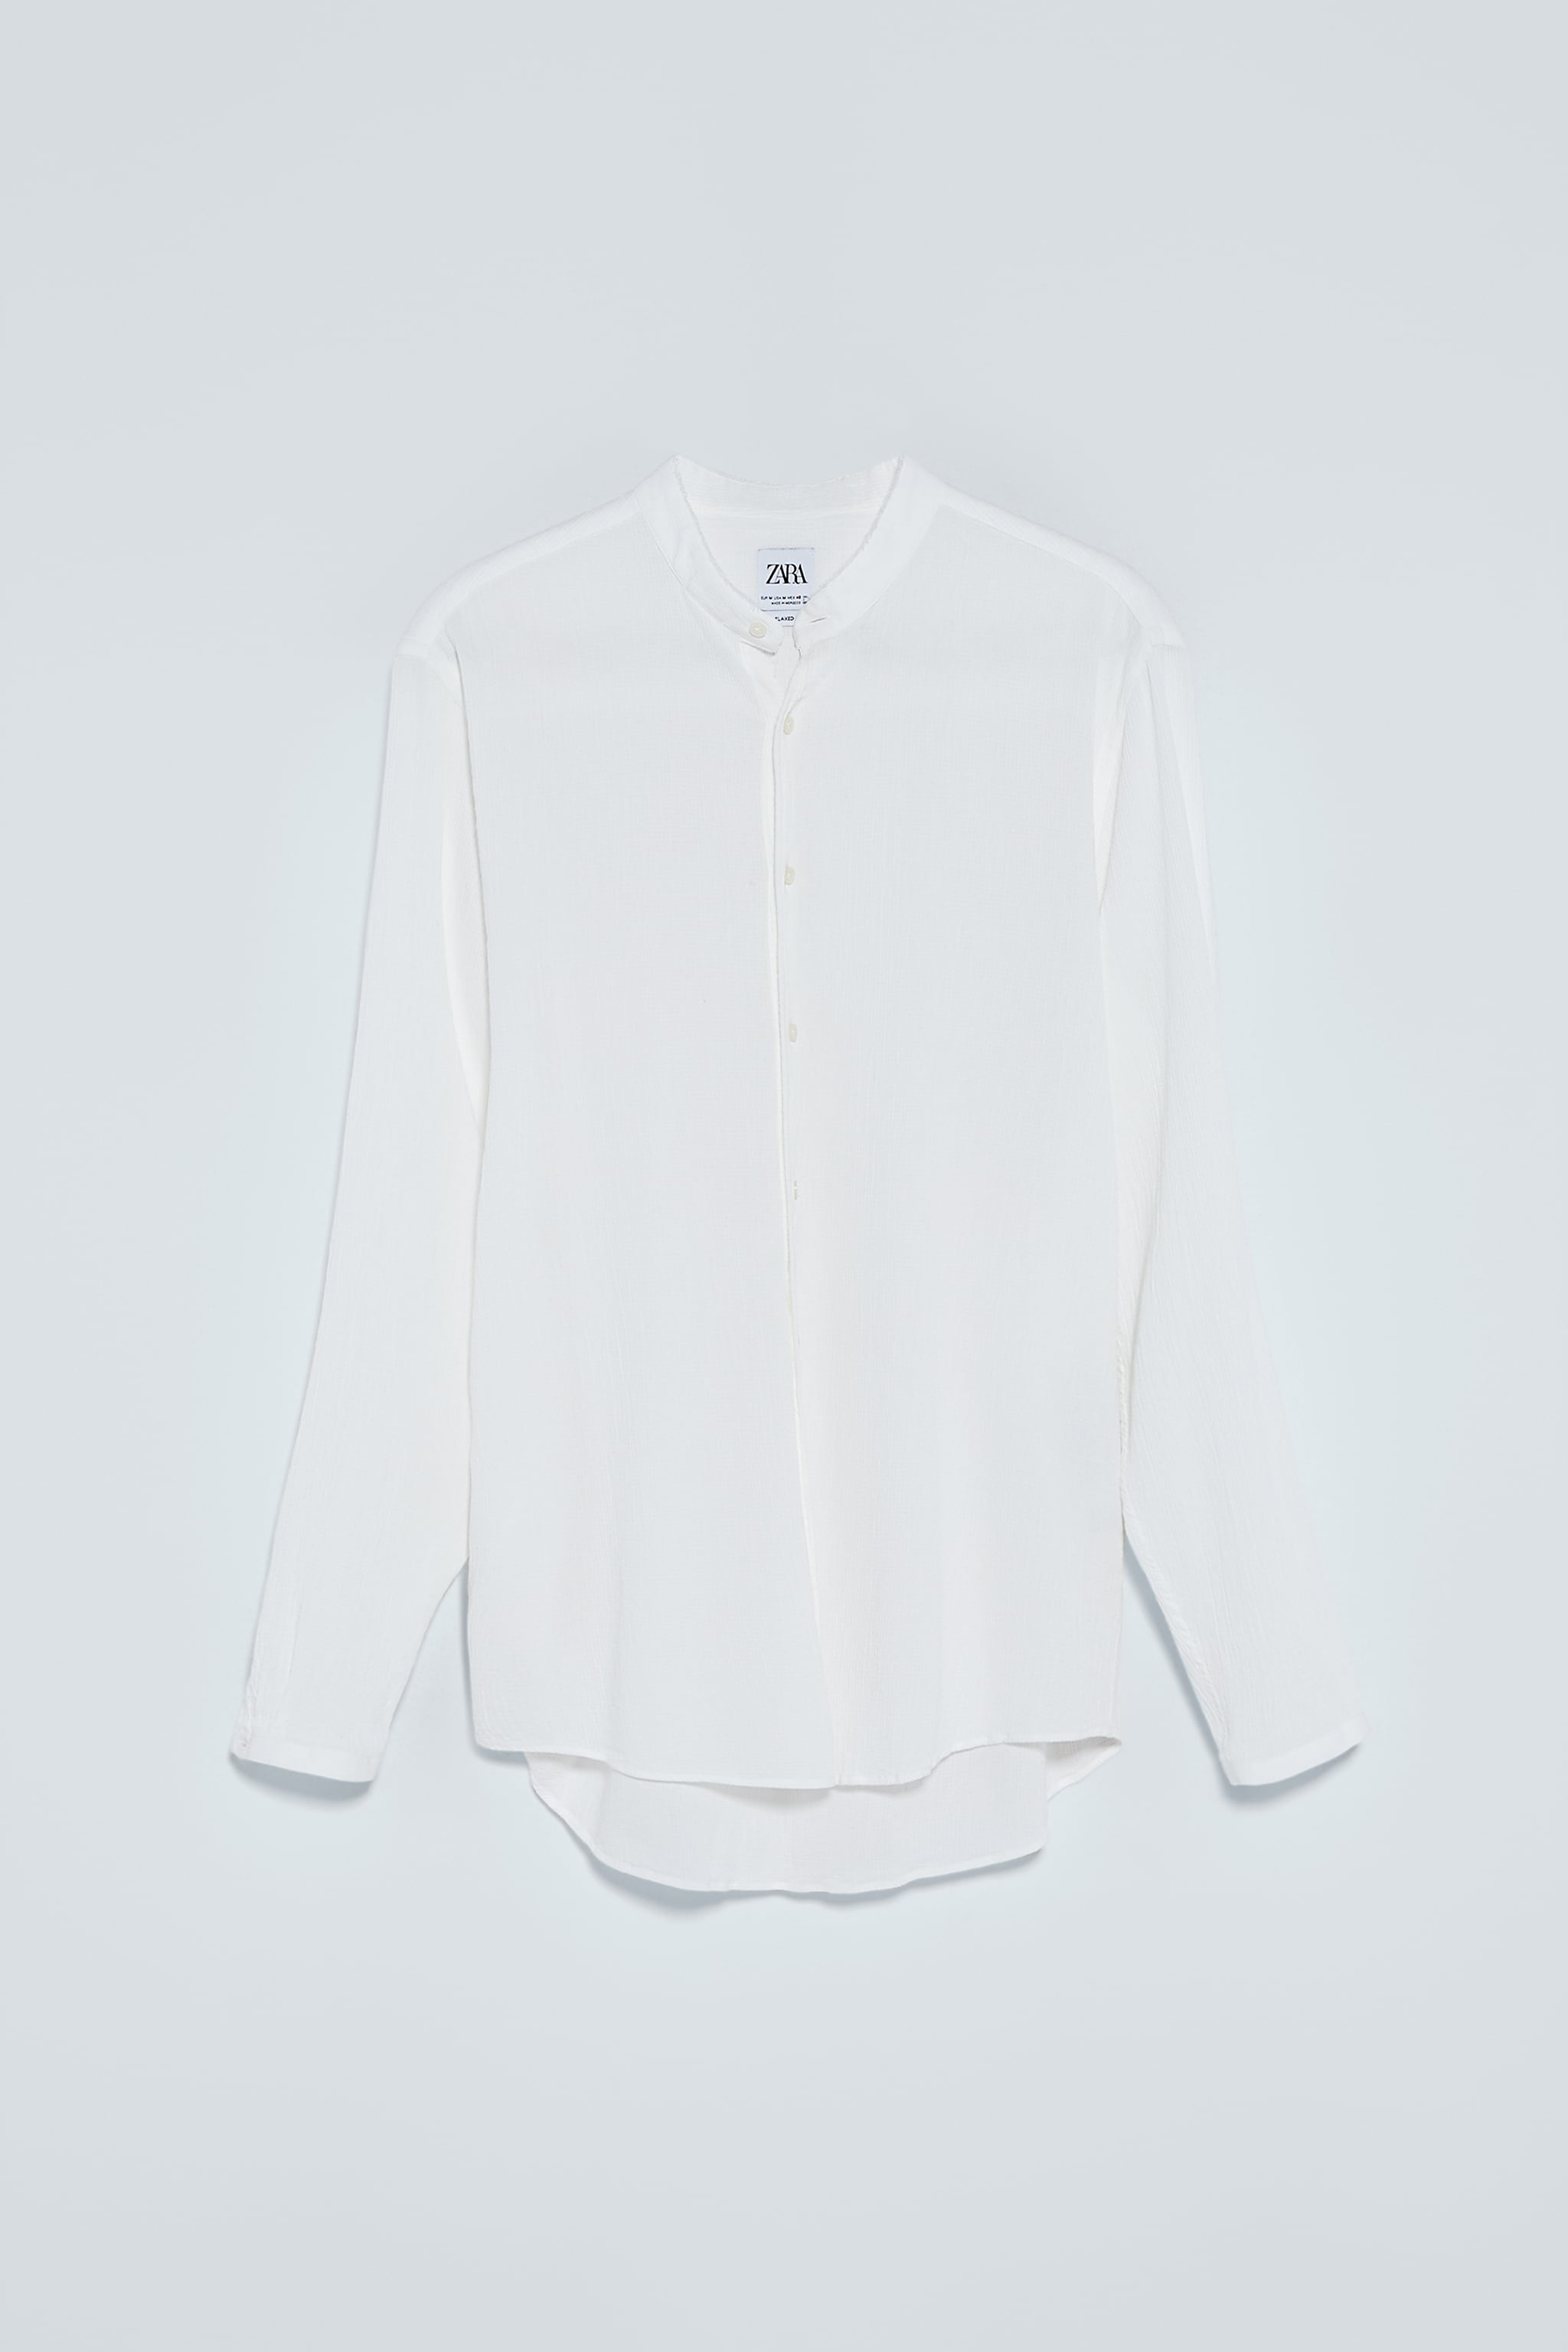 자라 Zara WRINKLED EFFECT RUSTIC SHIRT,White